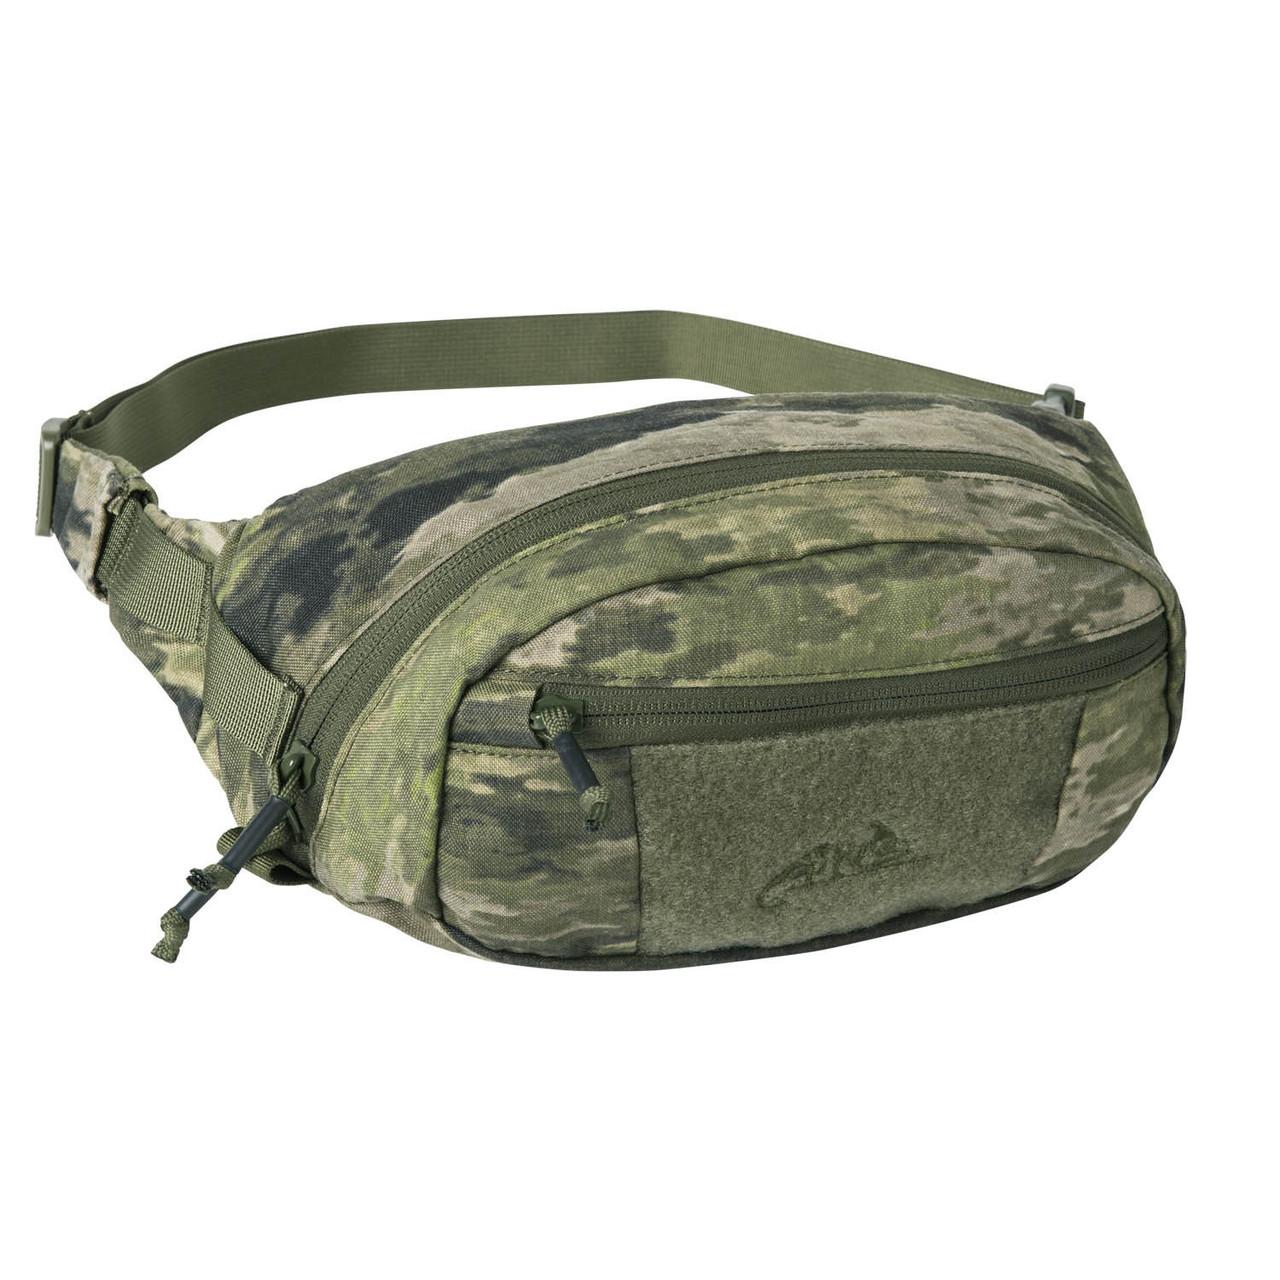 Сумка поясная Helikon-Tex® BANDICOOT® Waist Pack - Cordura® - A-TACS iX Camo™